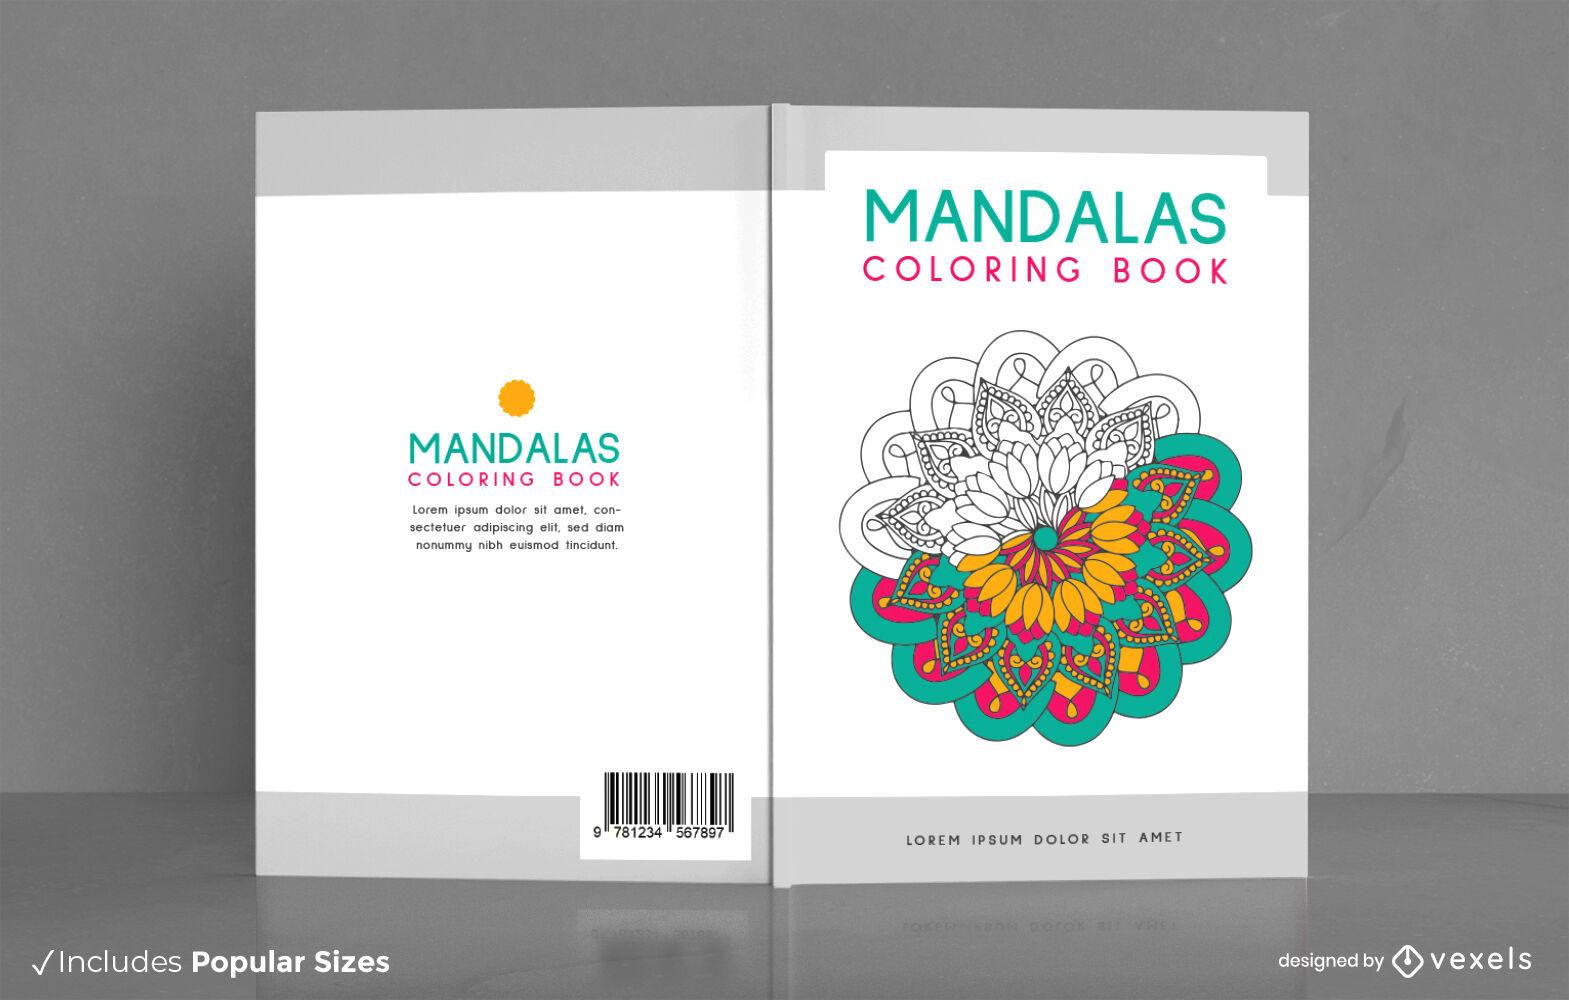 Diseño de portada de libro para colorear mandalas florales